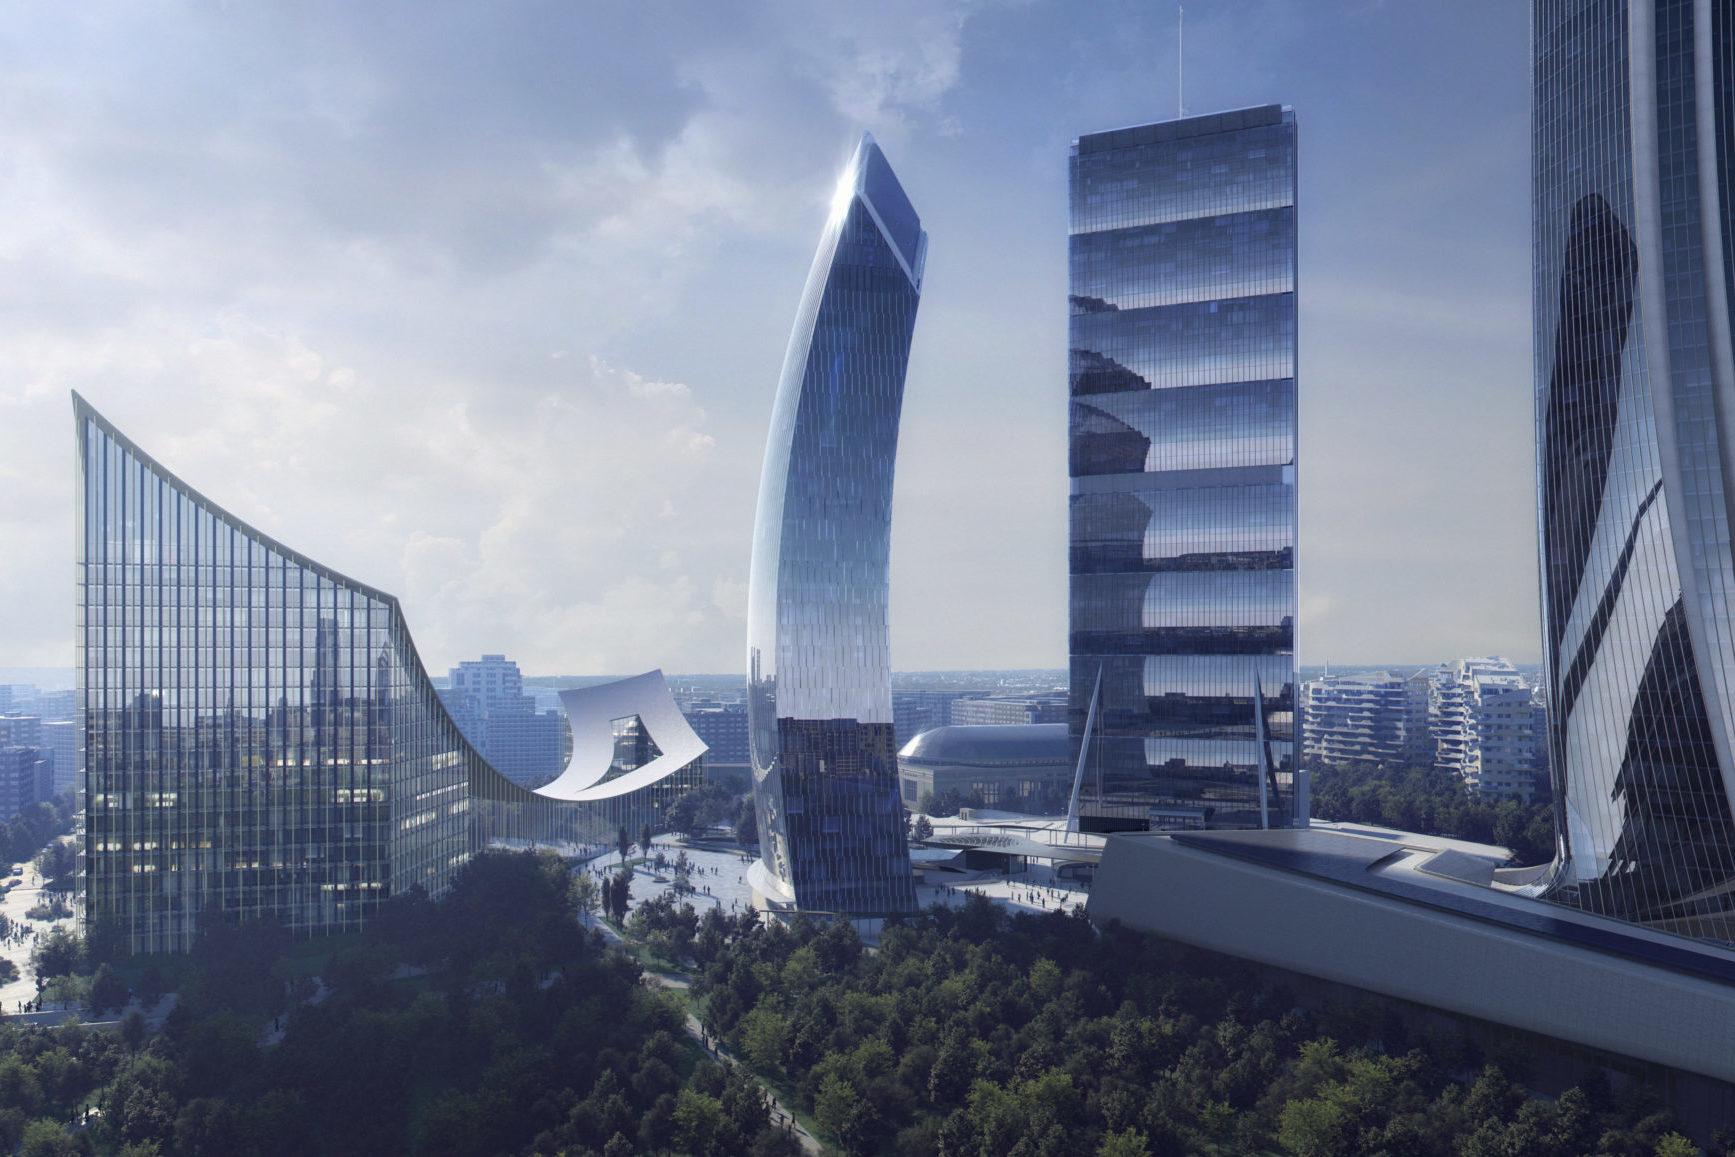 Milano 2046, come sarà? Il futuro comincia oggi